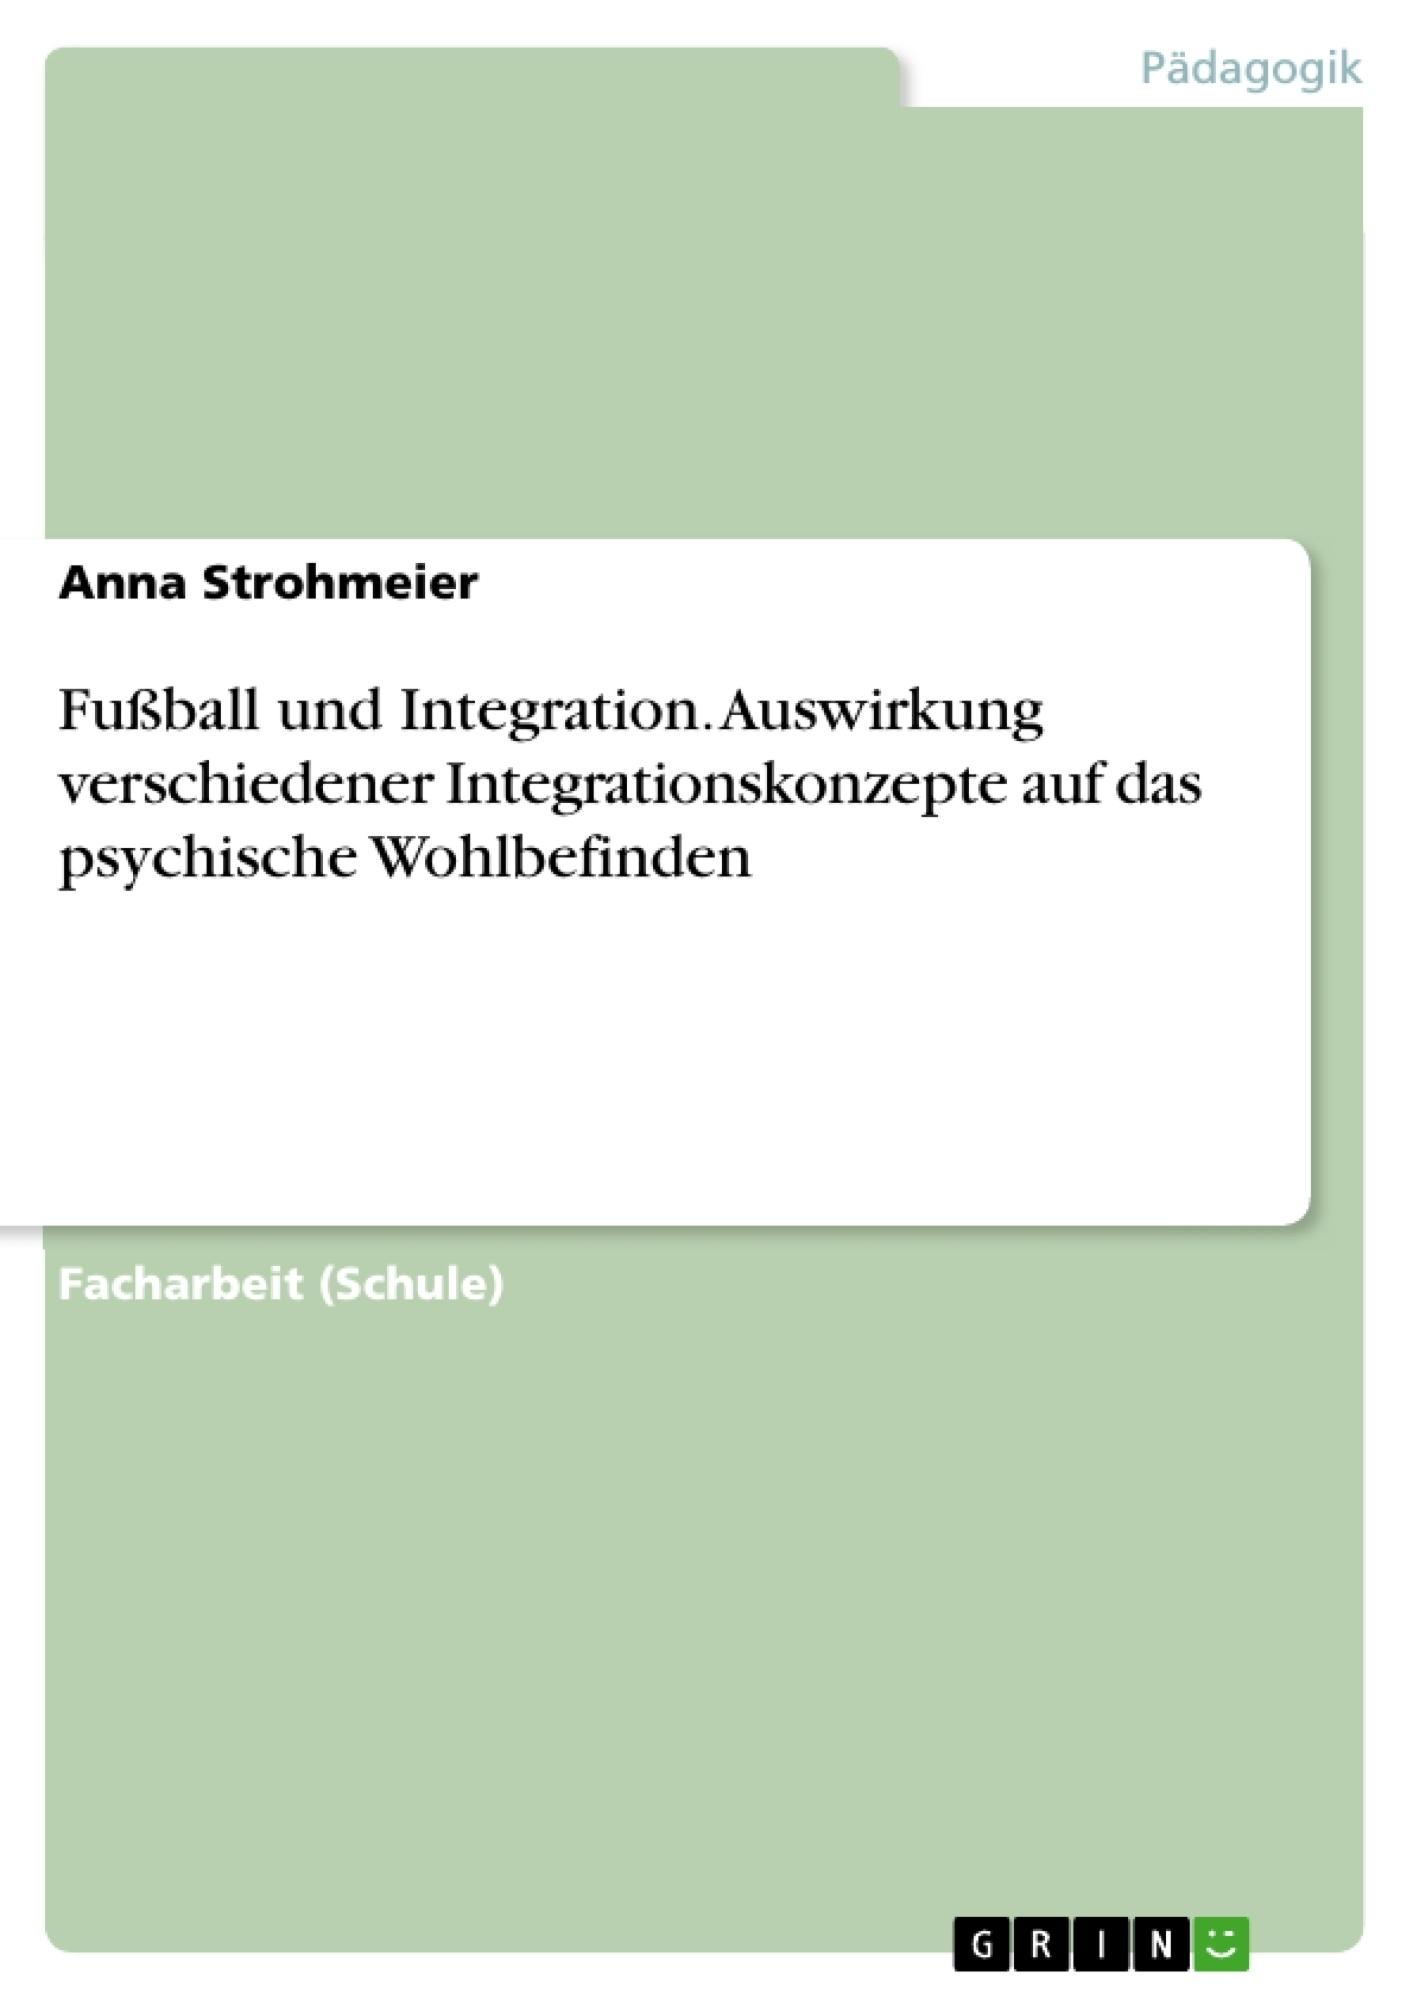 Titel: Fußball und Integration. Auswirkung verschiedener Integrationskonzepte auf das psychische Wohlbefinden